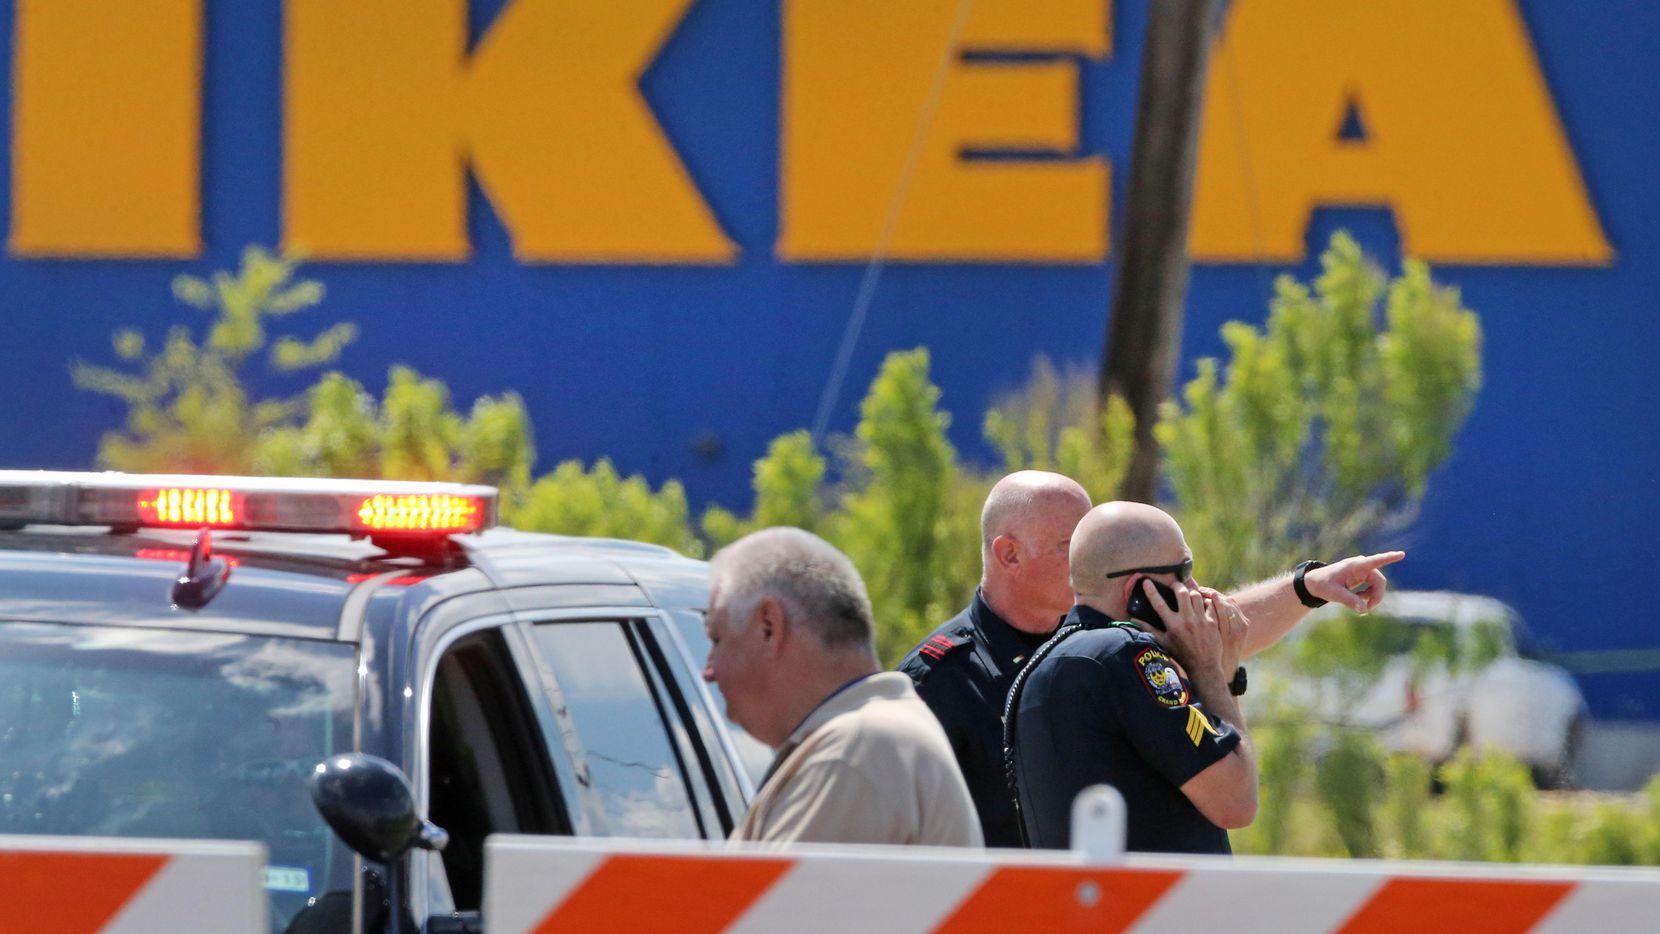 Los policías de Grand Prairie luego del enfrentamiento con una persona que terminó con la muerte del sospechoso. (DMN/LOUIS DeLUCA)